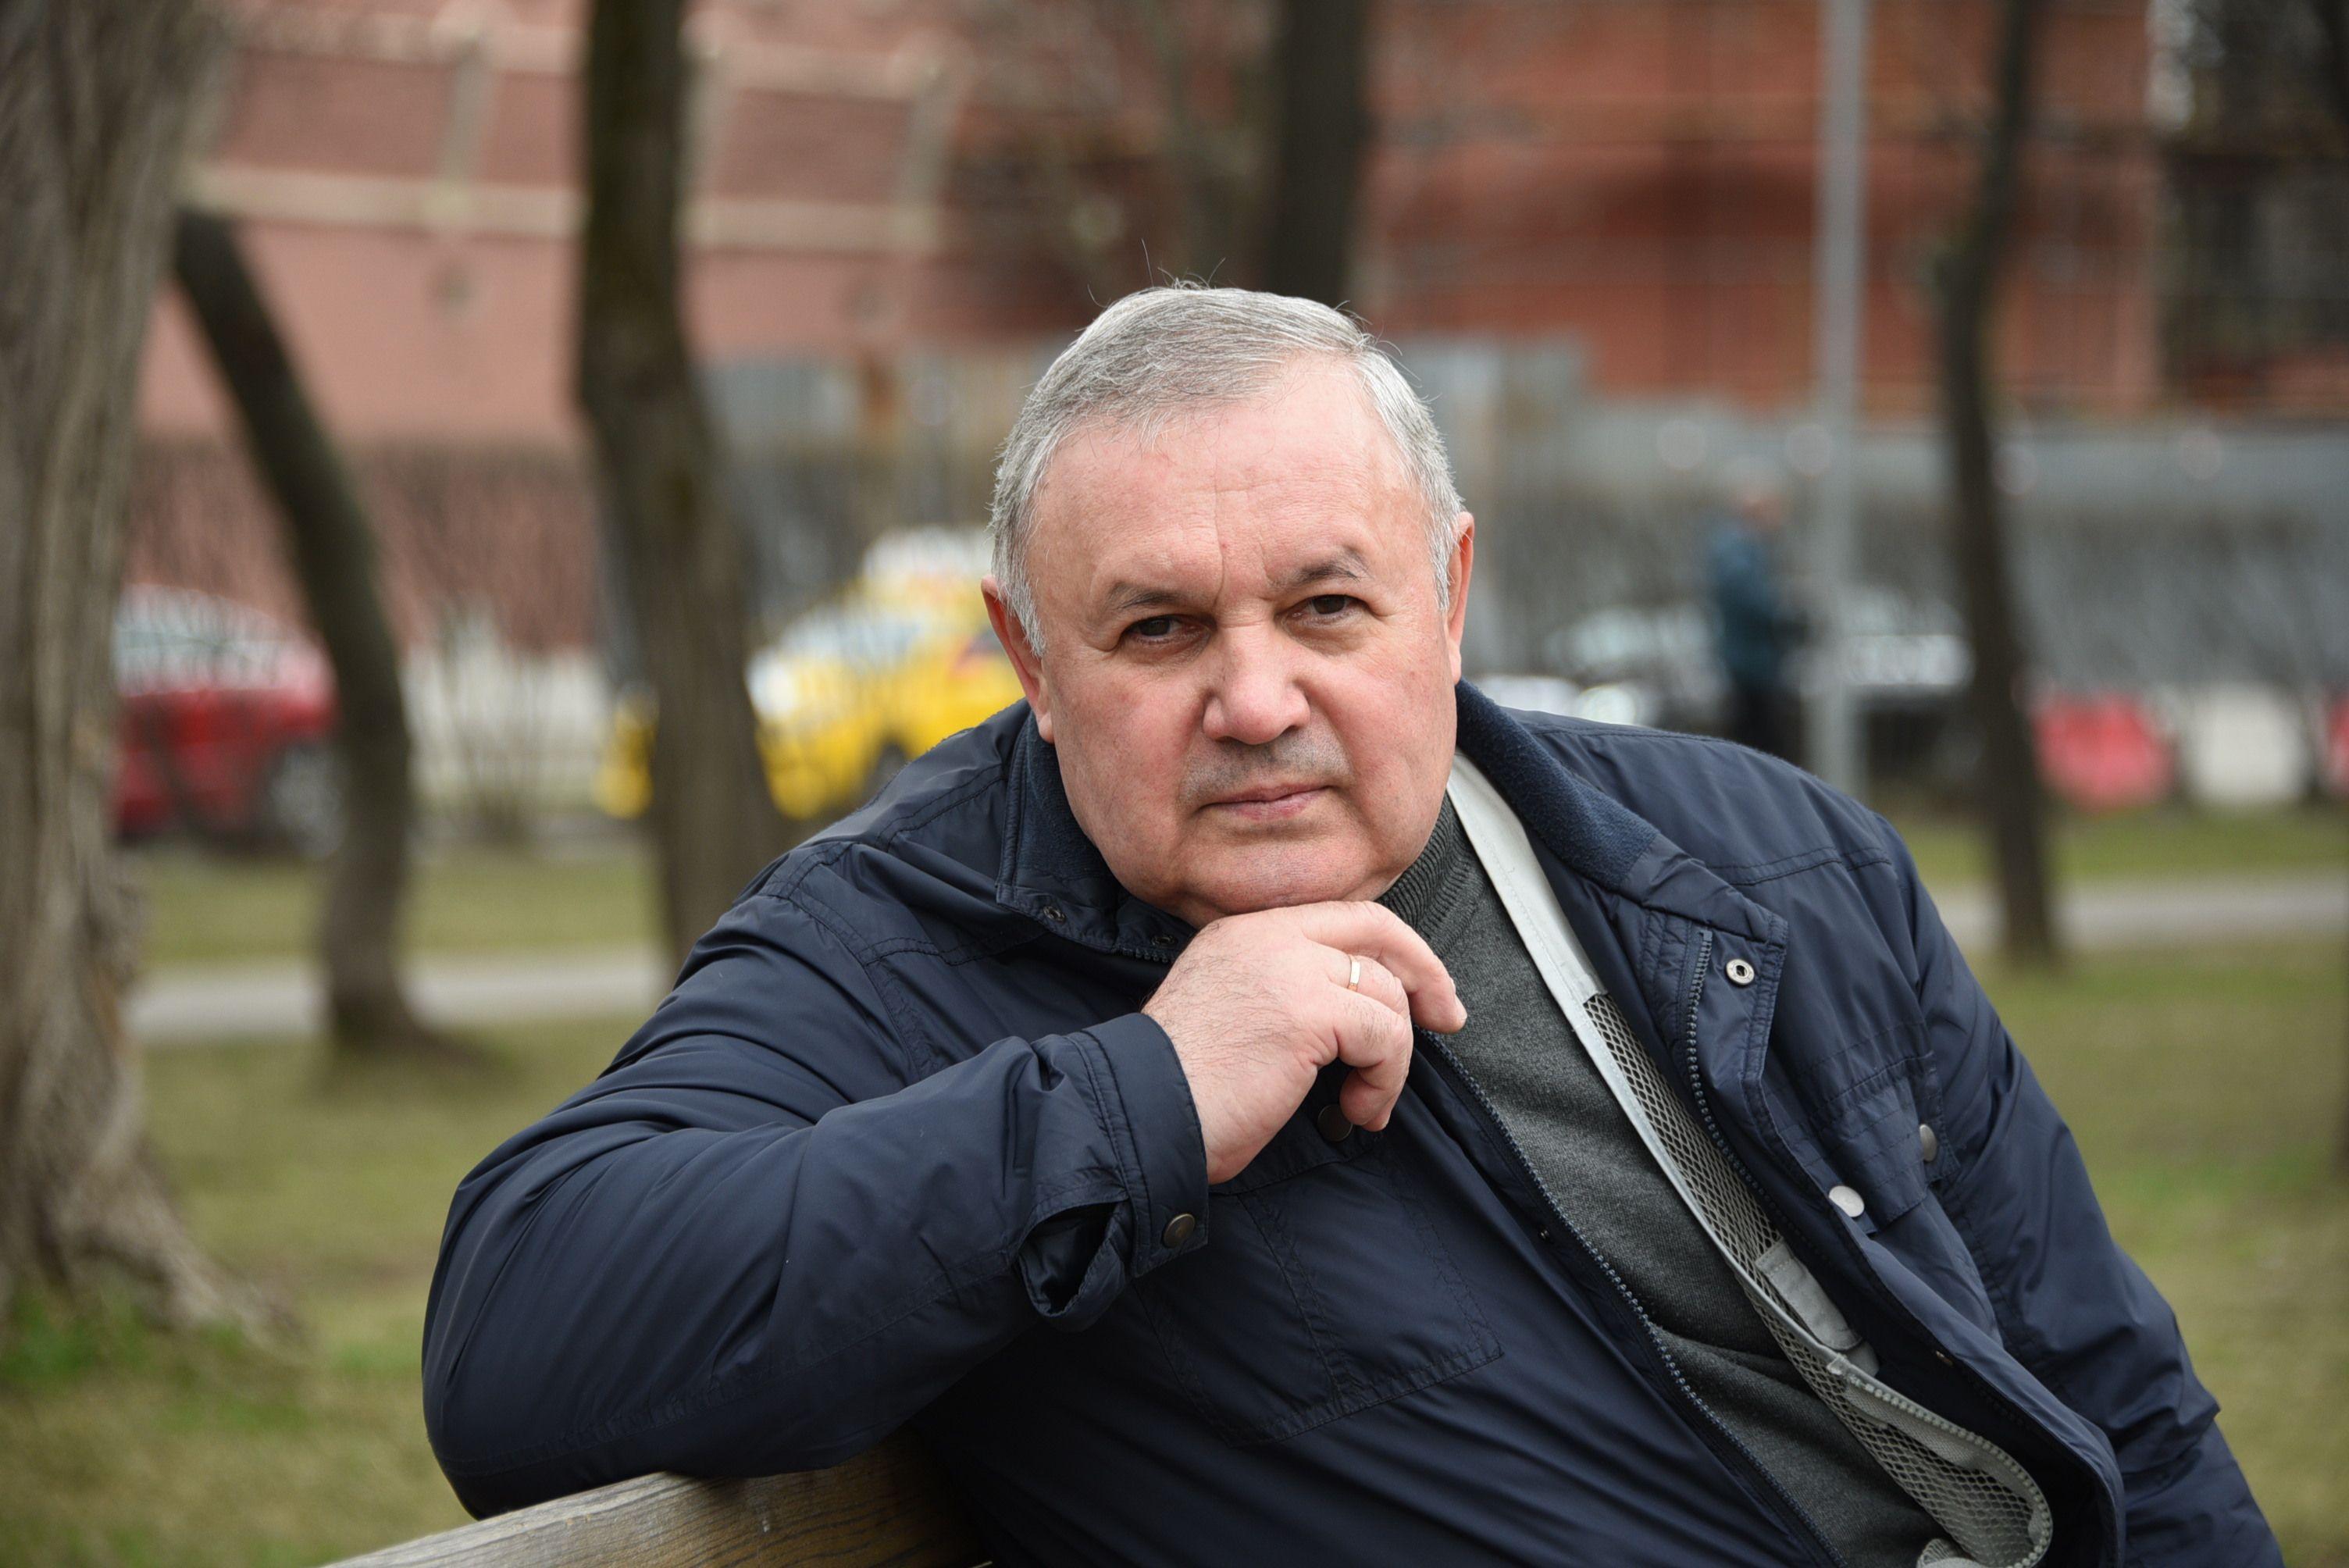 20 апреля 2019 года. Ликвидатор последствий аварии на Чернобыльской АЭС Юрий Чебан не жалеет о том, что 33 года назад рисковал здоровьем ради спасения людей. Фото: Пелагия Замятина